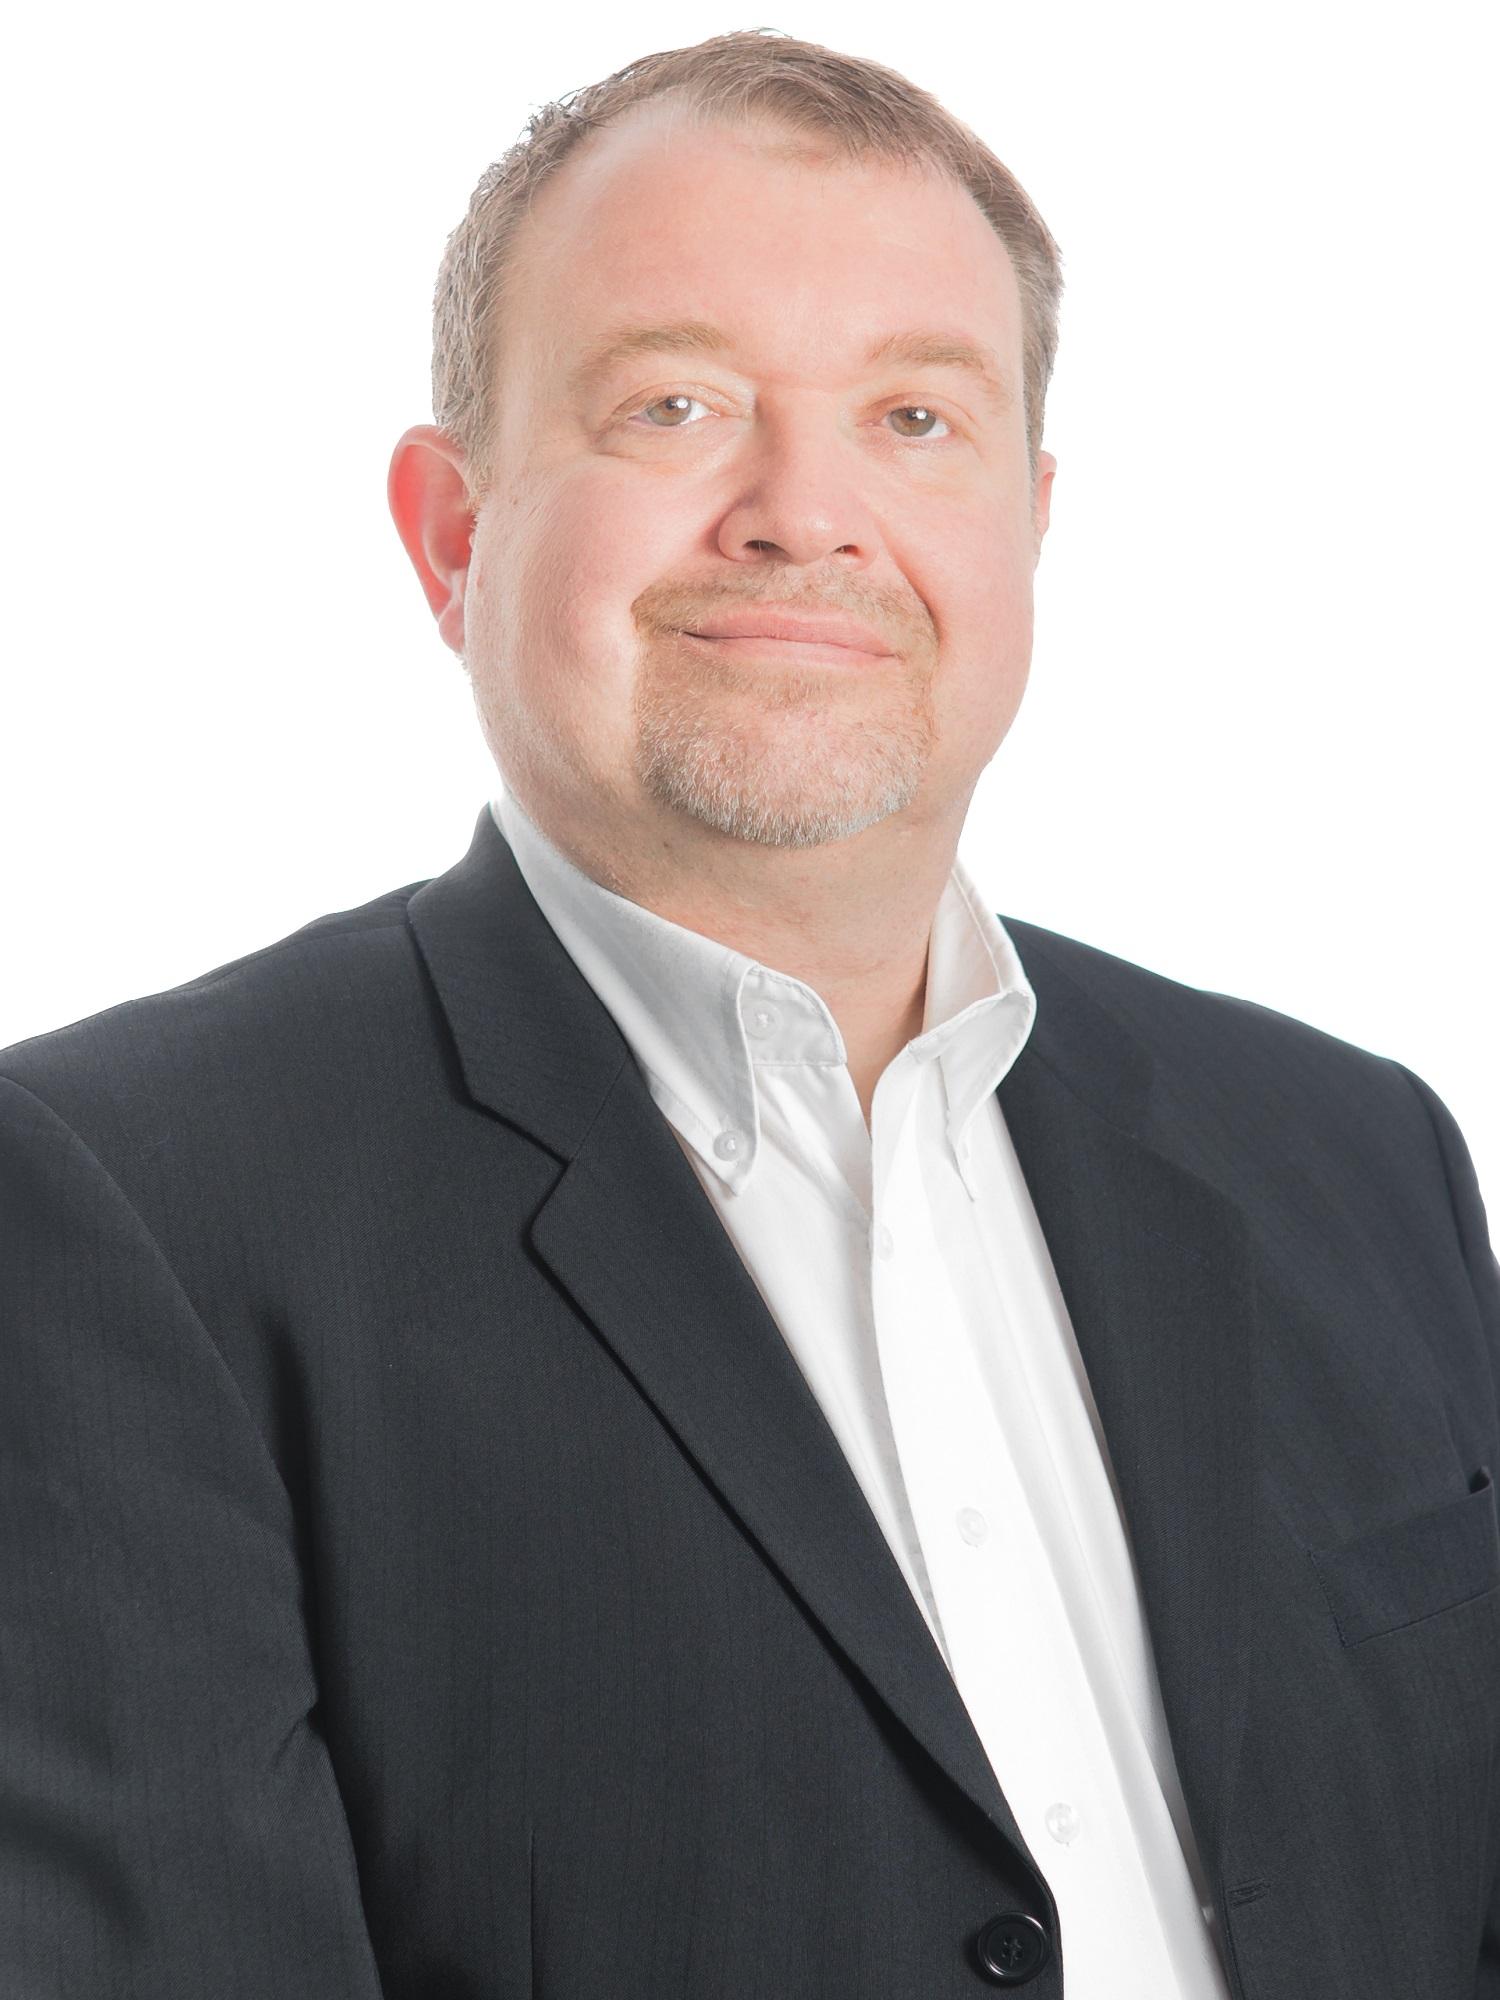 Matthias Uhlig